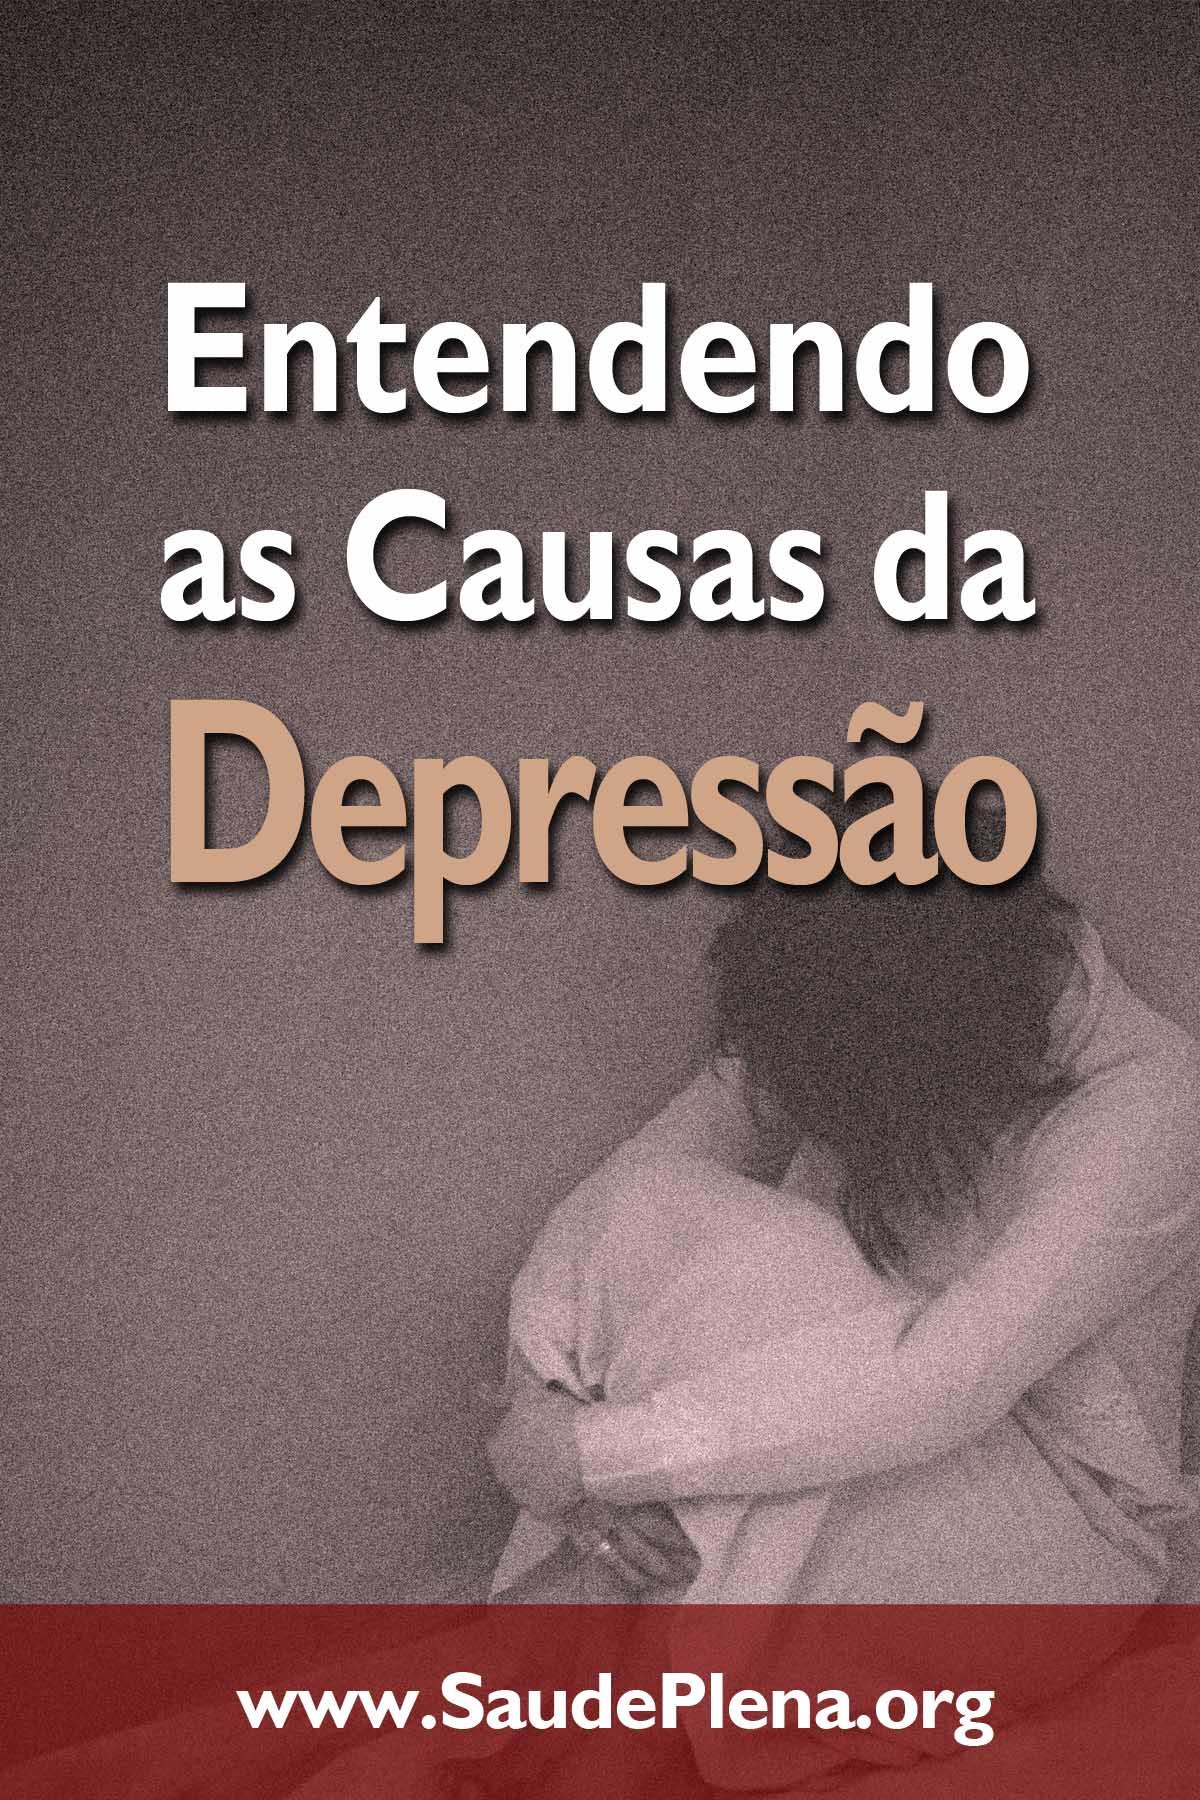 Entendendo as Causas da Depressão